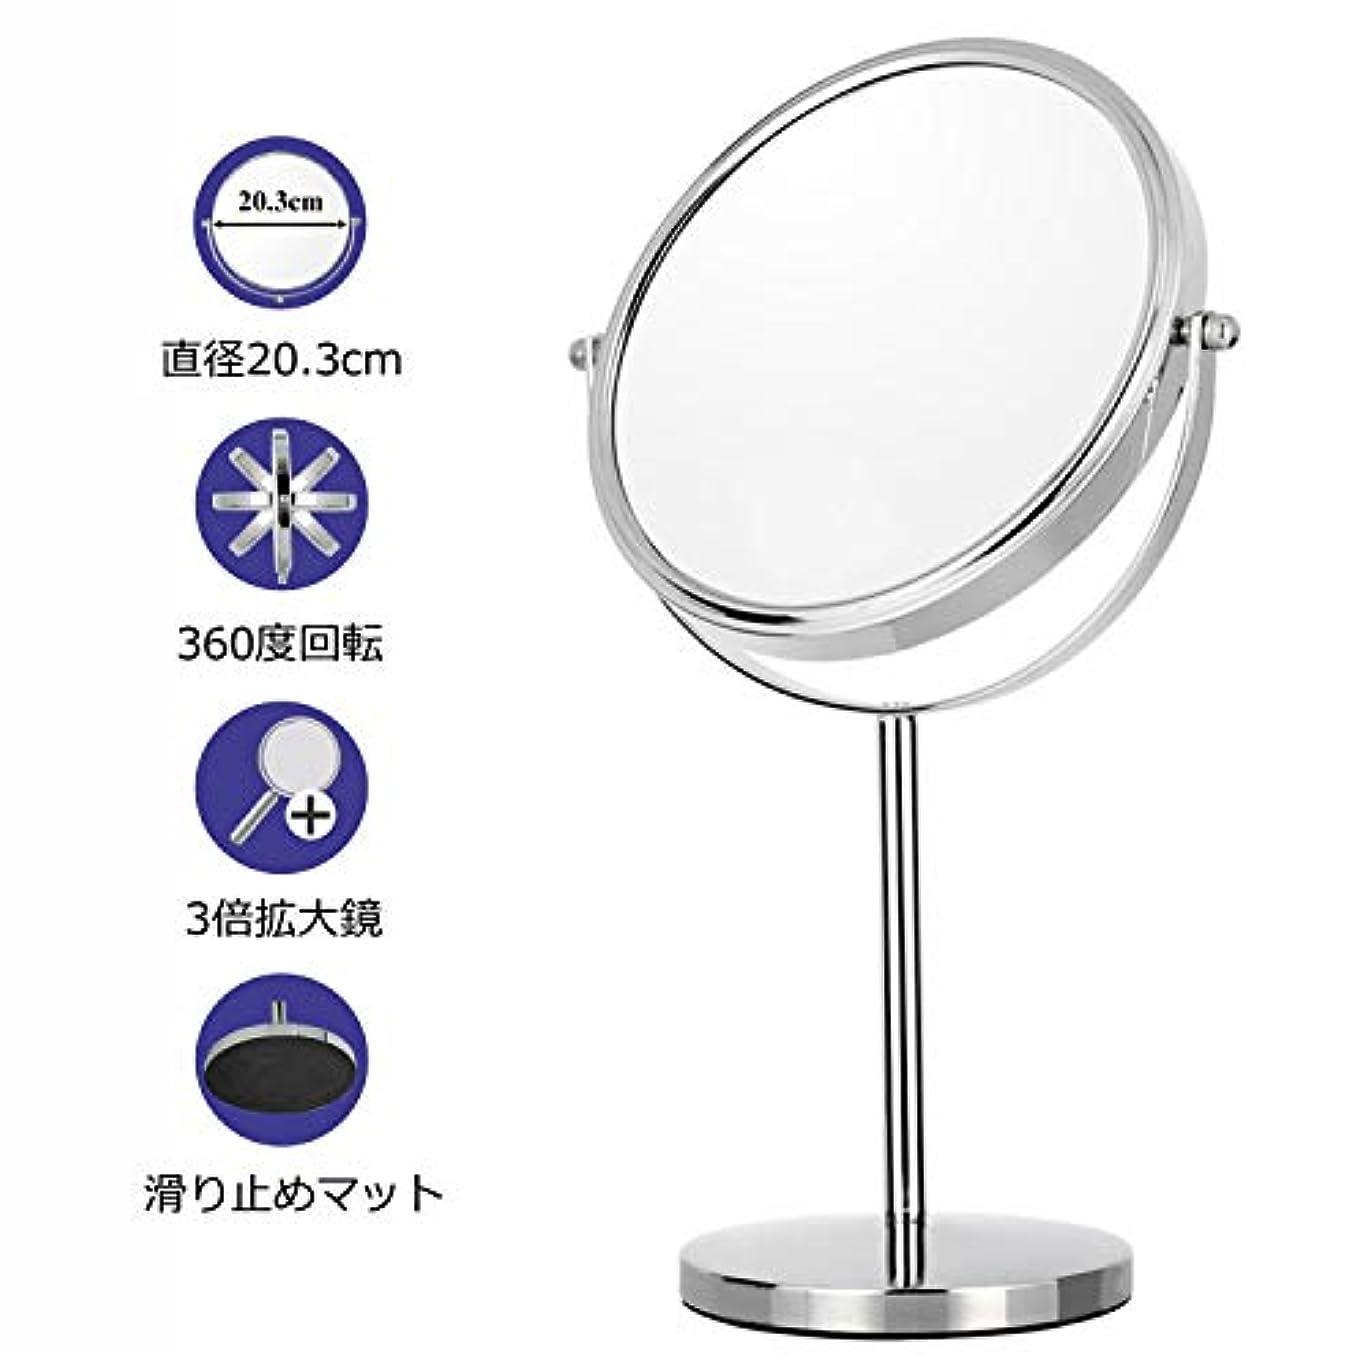 モバイルトラブル郡鏡 卓上 拡大鏡付き 3倍卓上鏡 真実の両面鏡 浴室鏡 ミラー 360度回転 スタンドミラー クロム 鏡 (鏡面23.2cm)